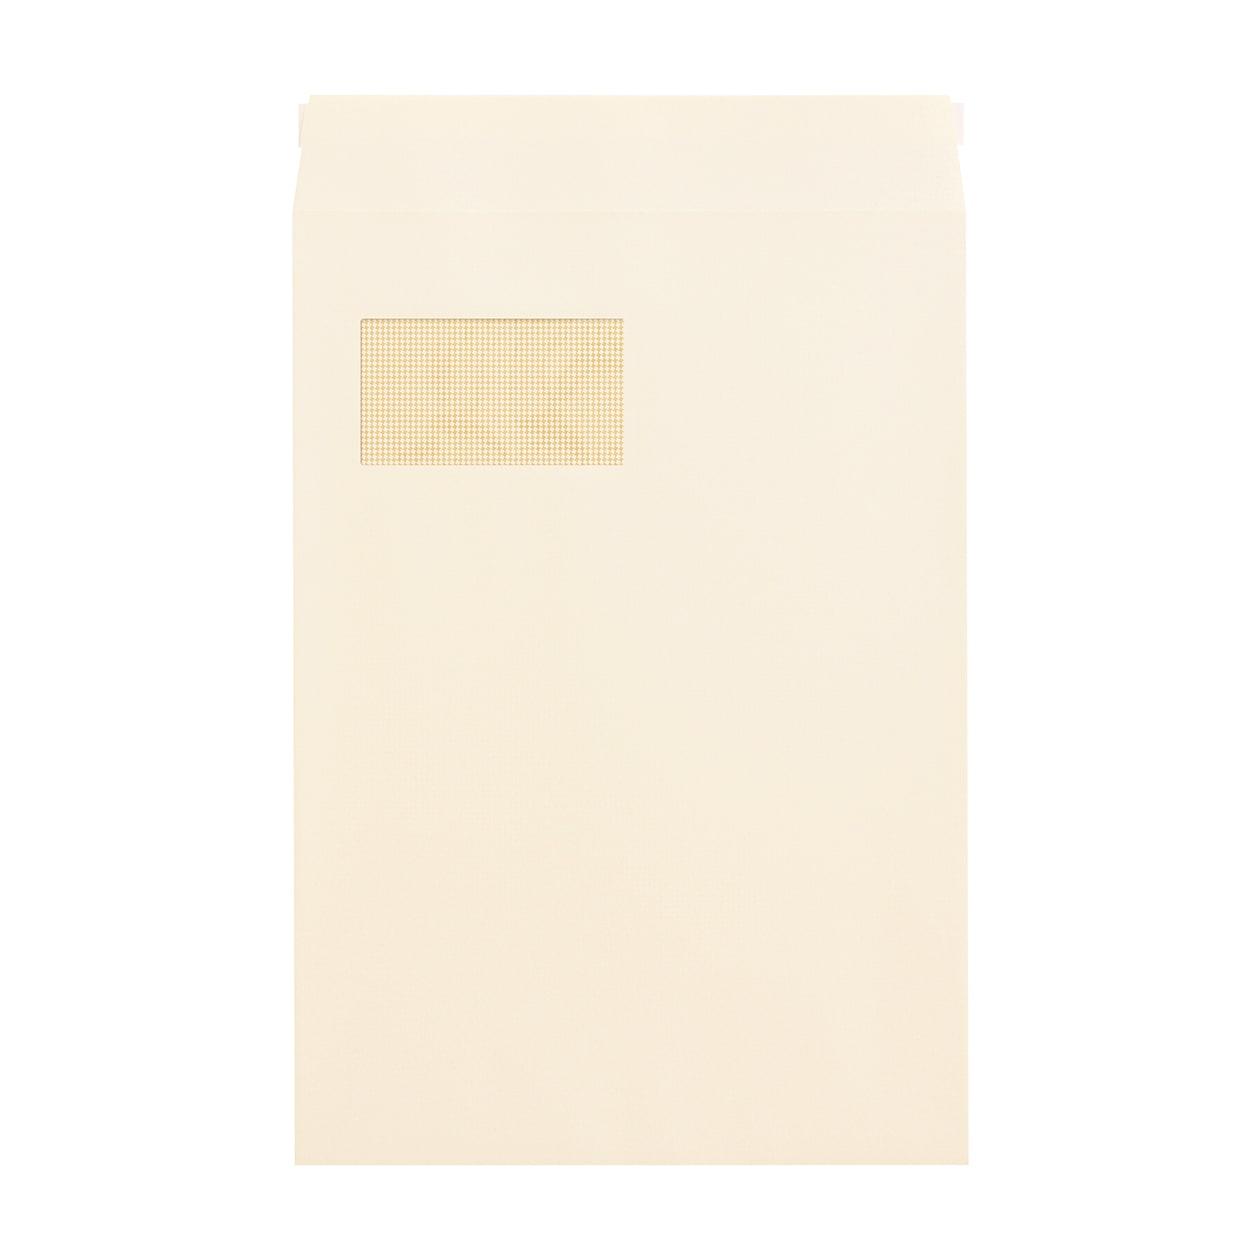 角20窓封筒 コットン ナチュラル 116.3g 地紋有 テープ有